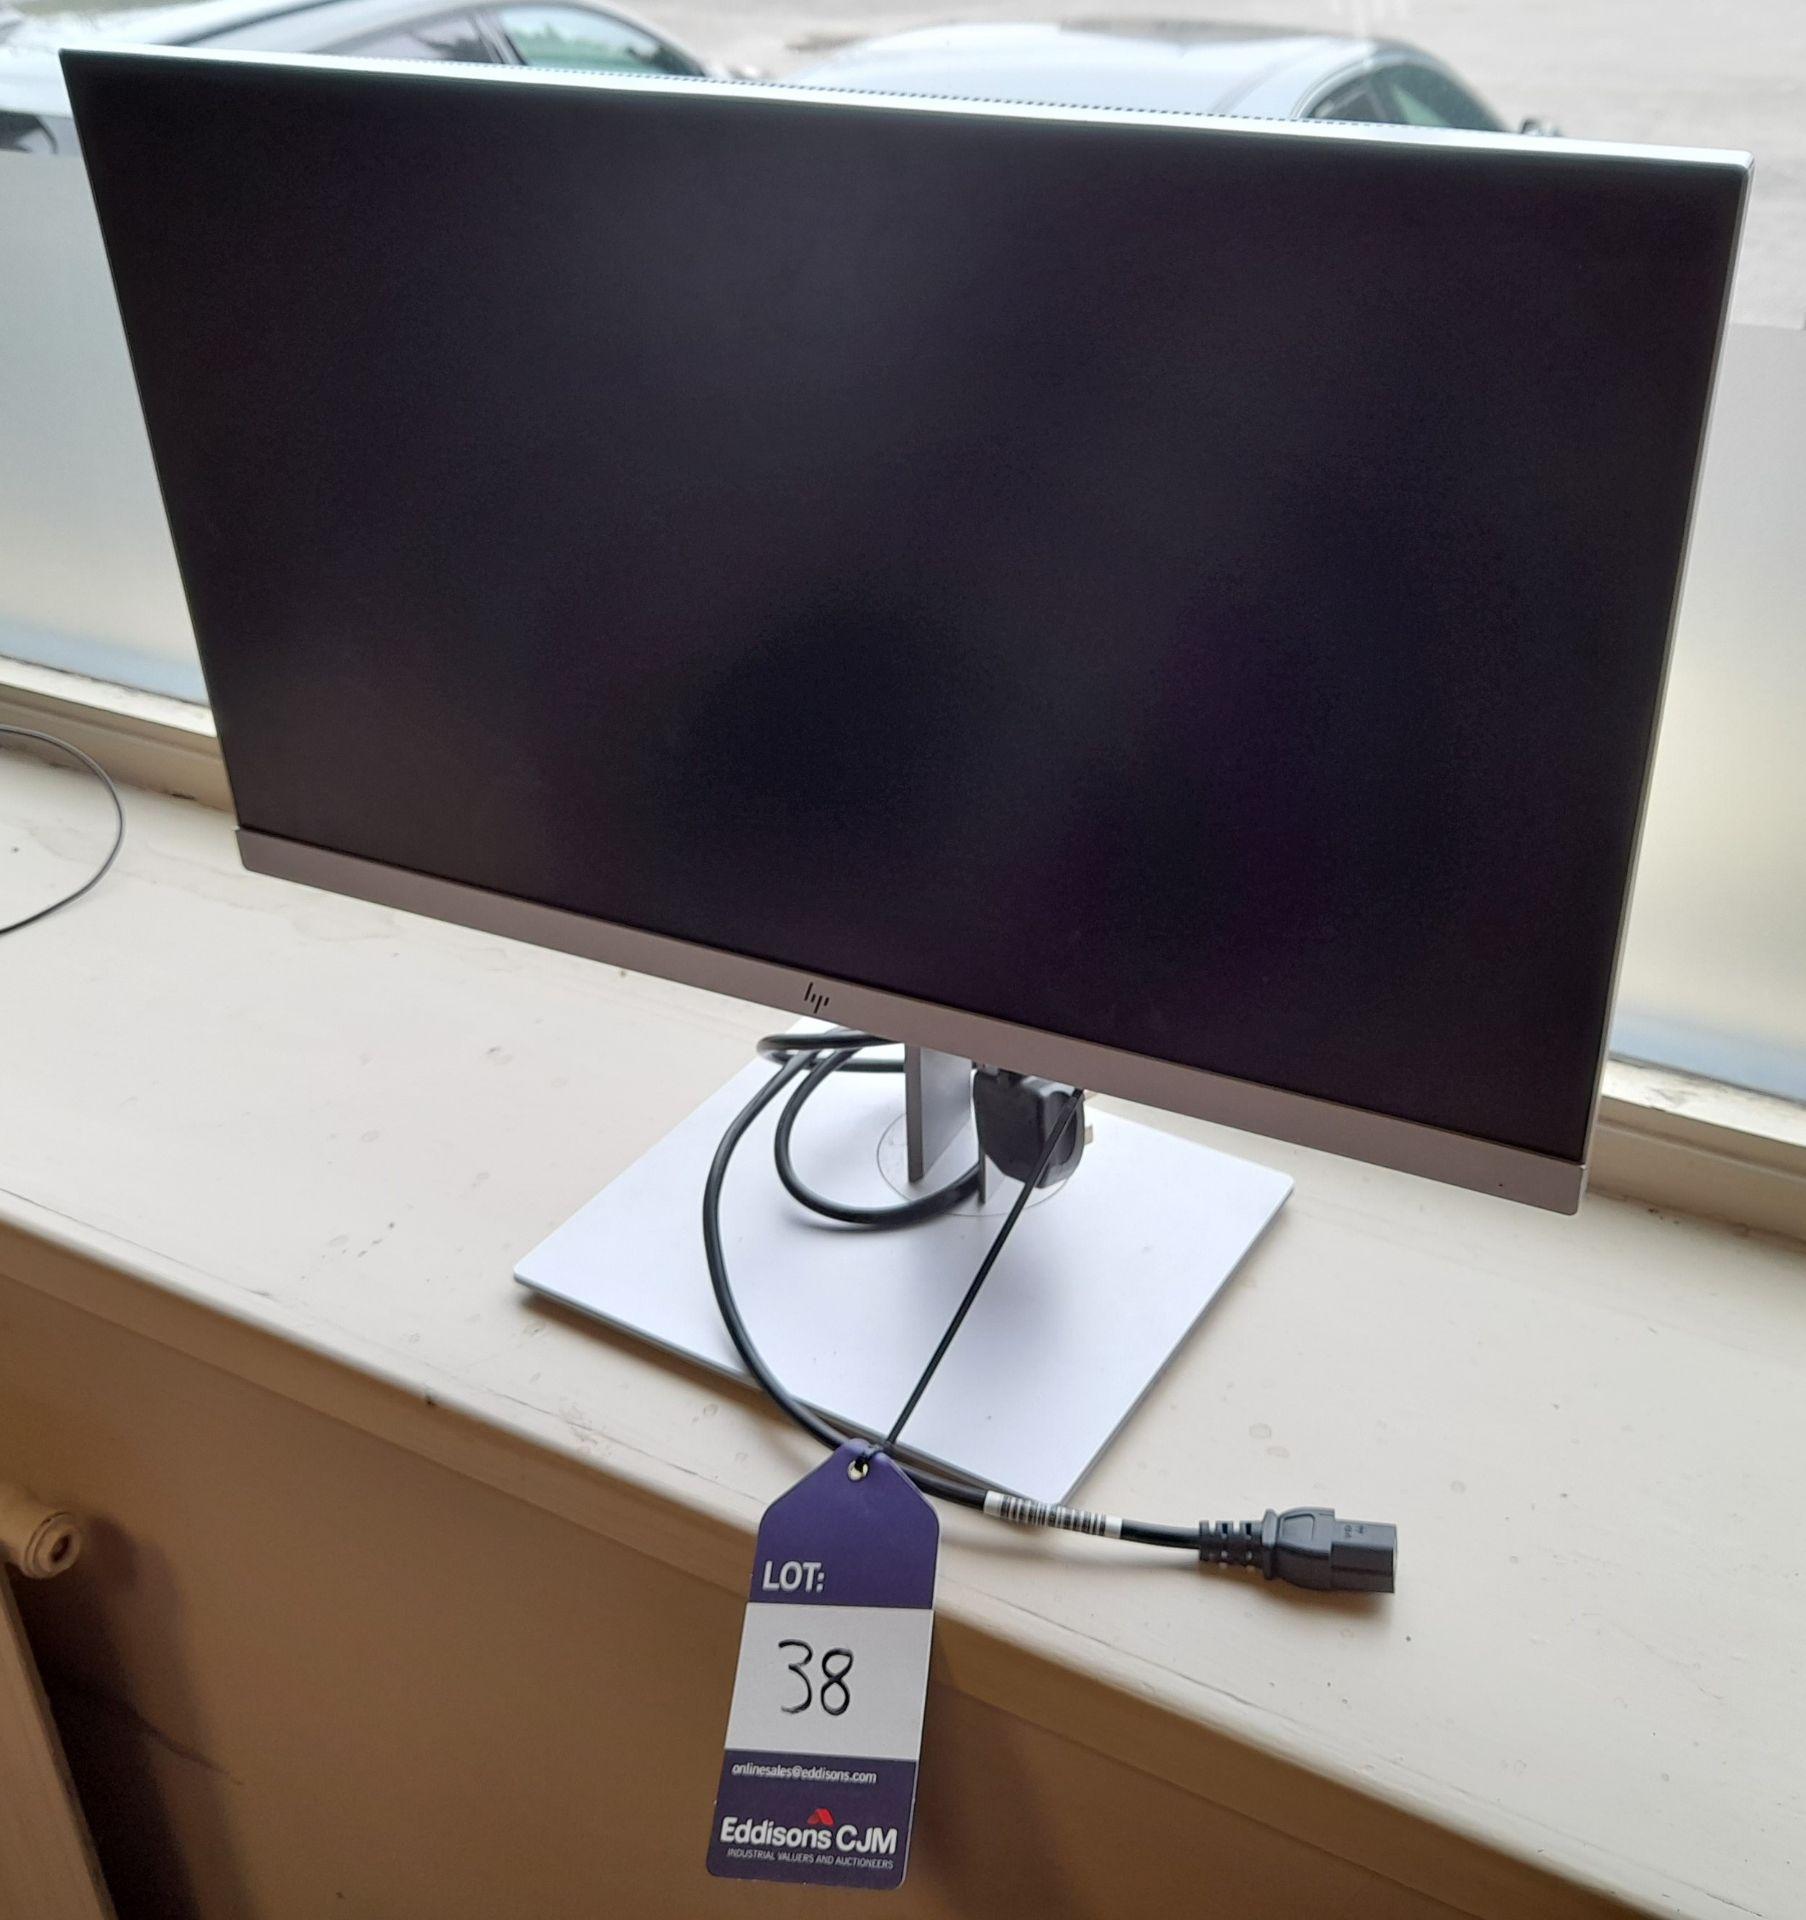 HP E223 monitor